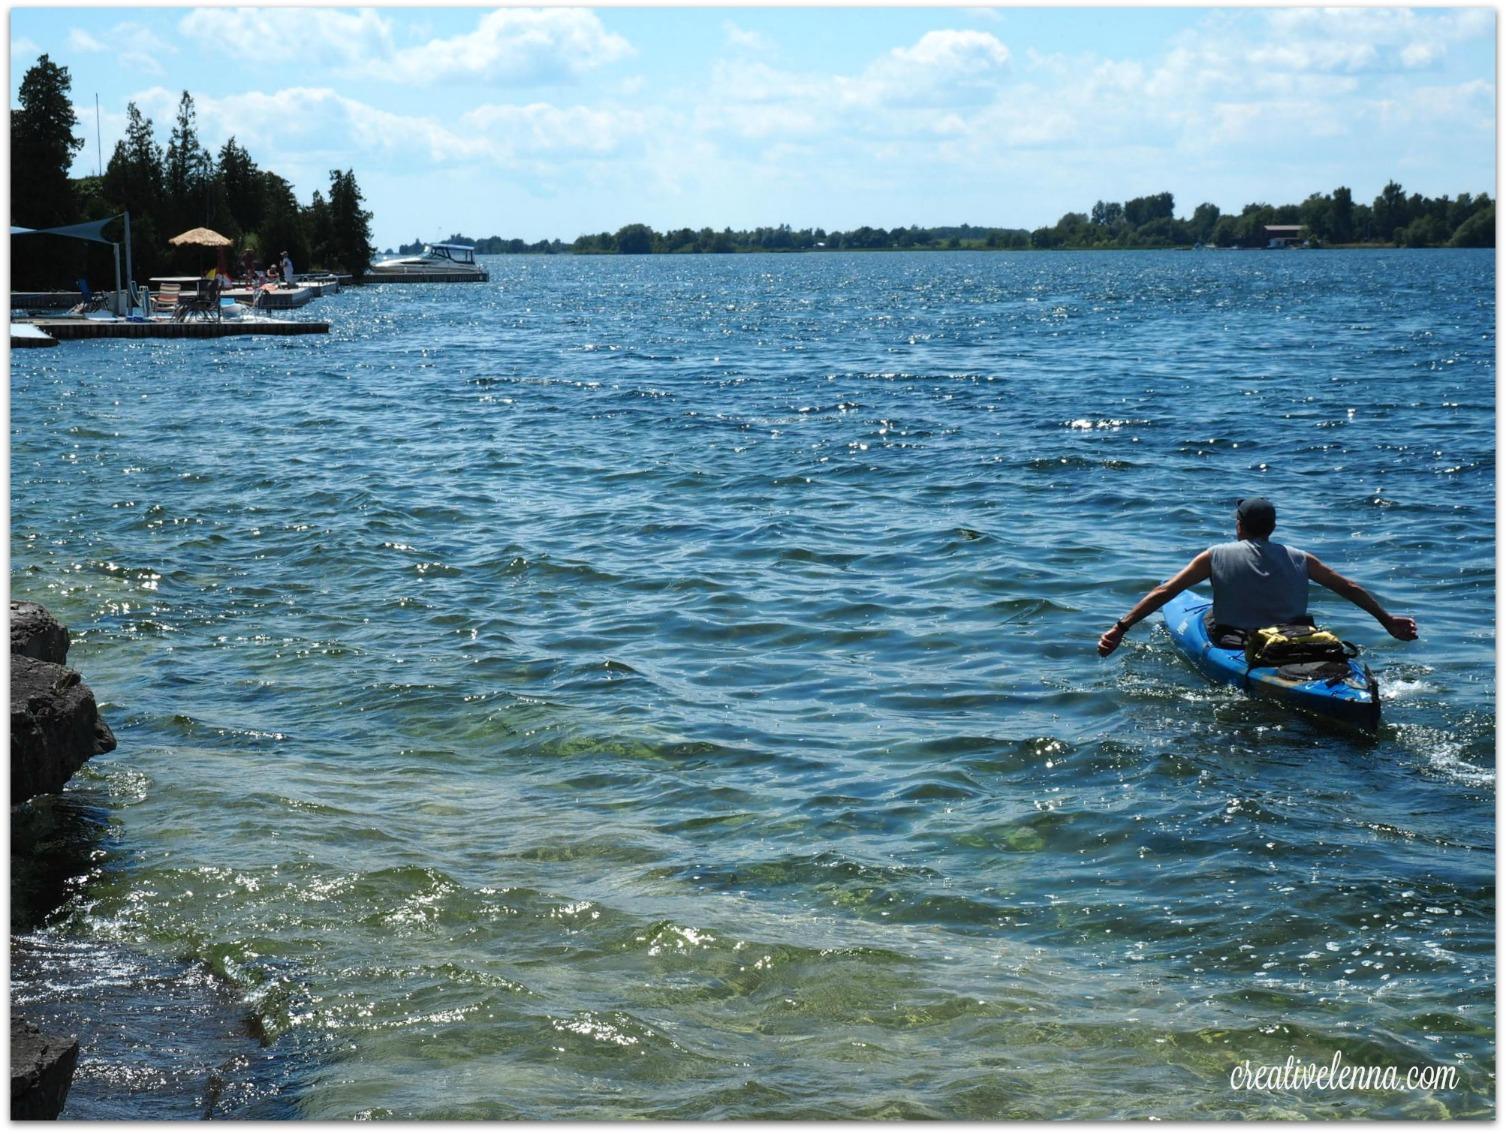 Steve paddling -2015